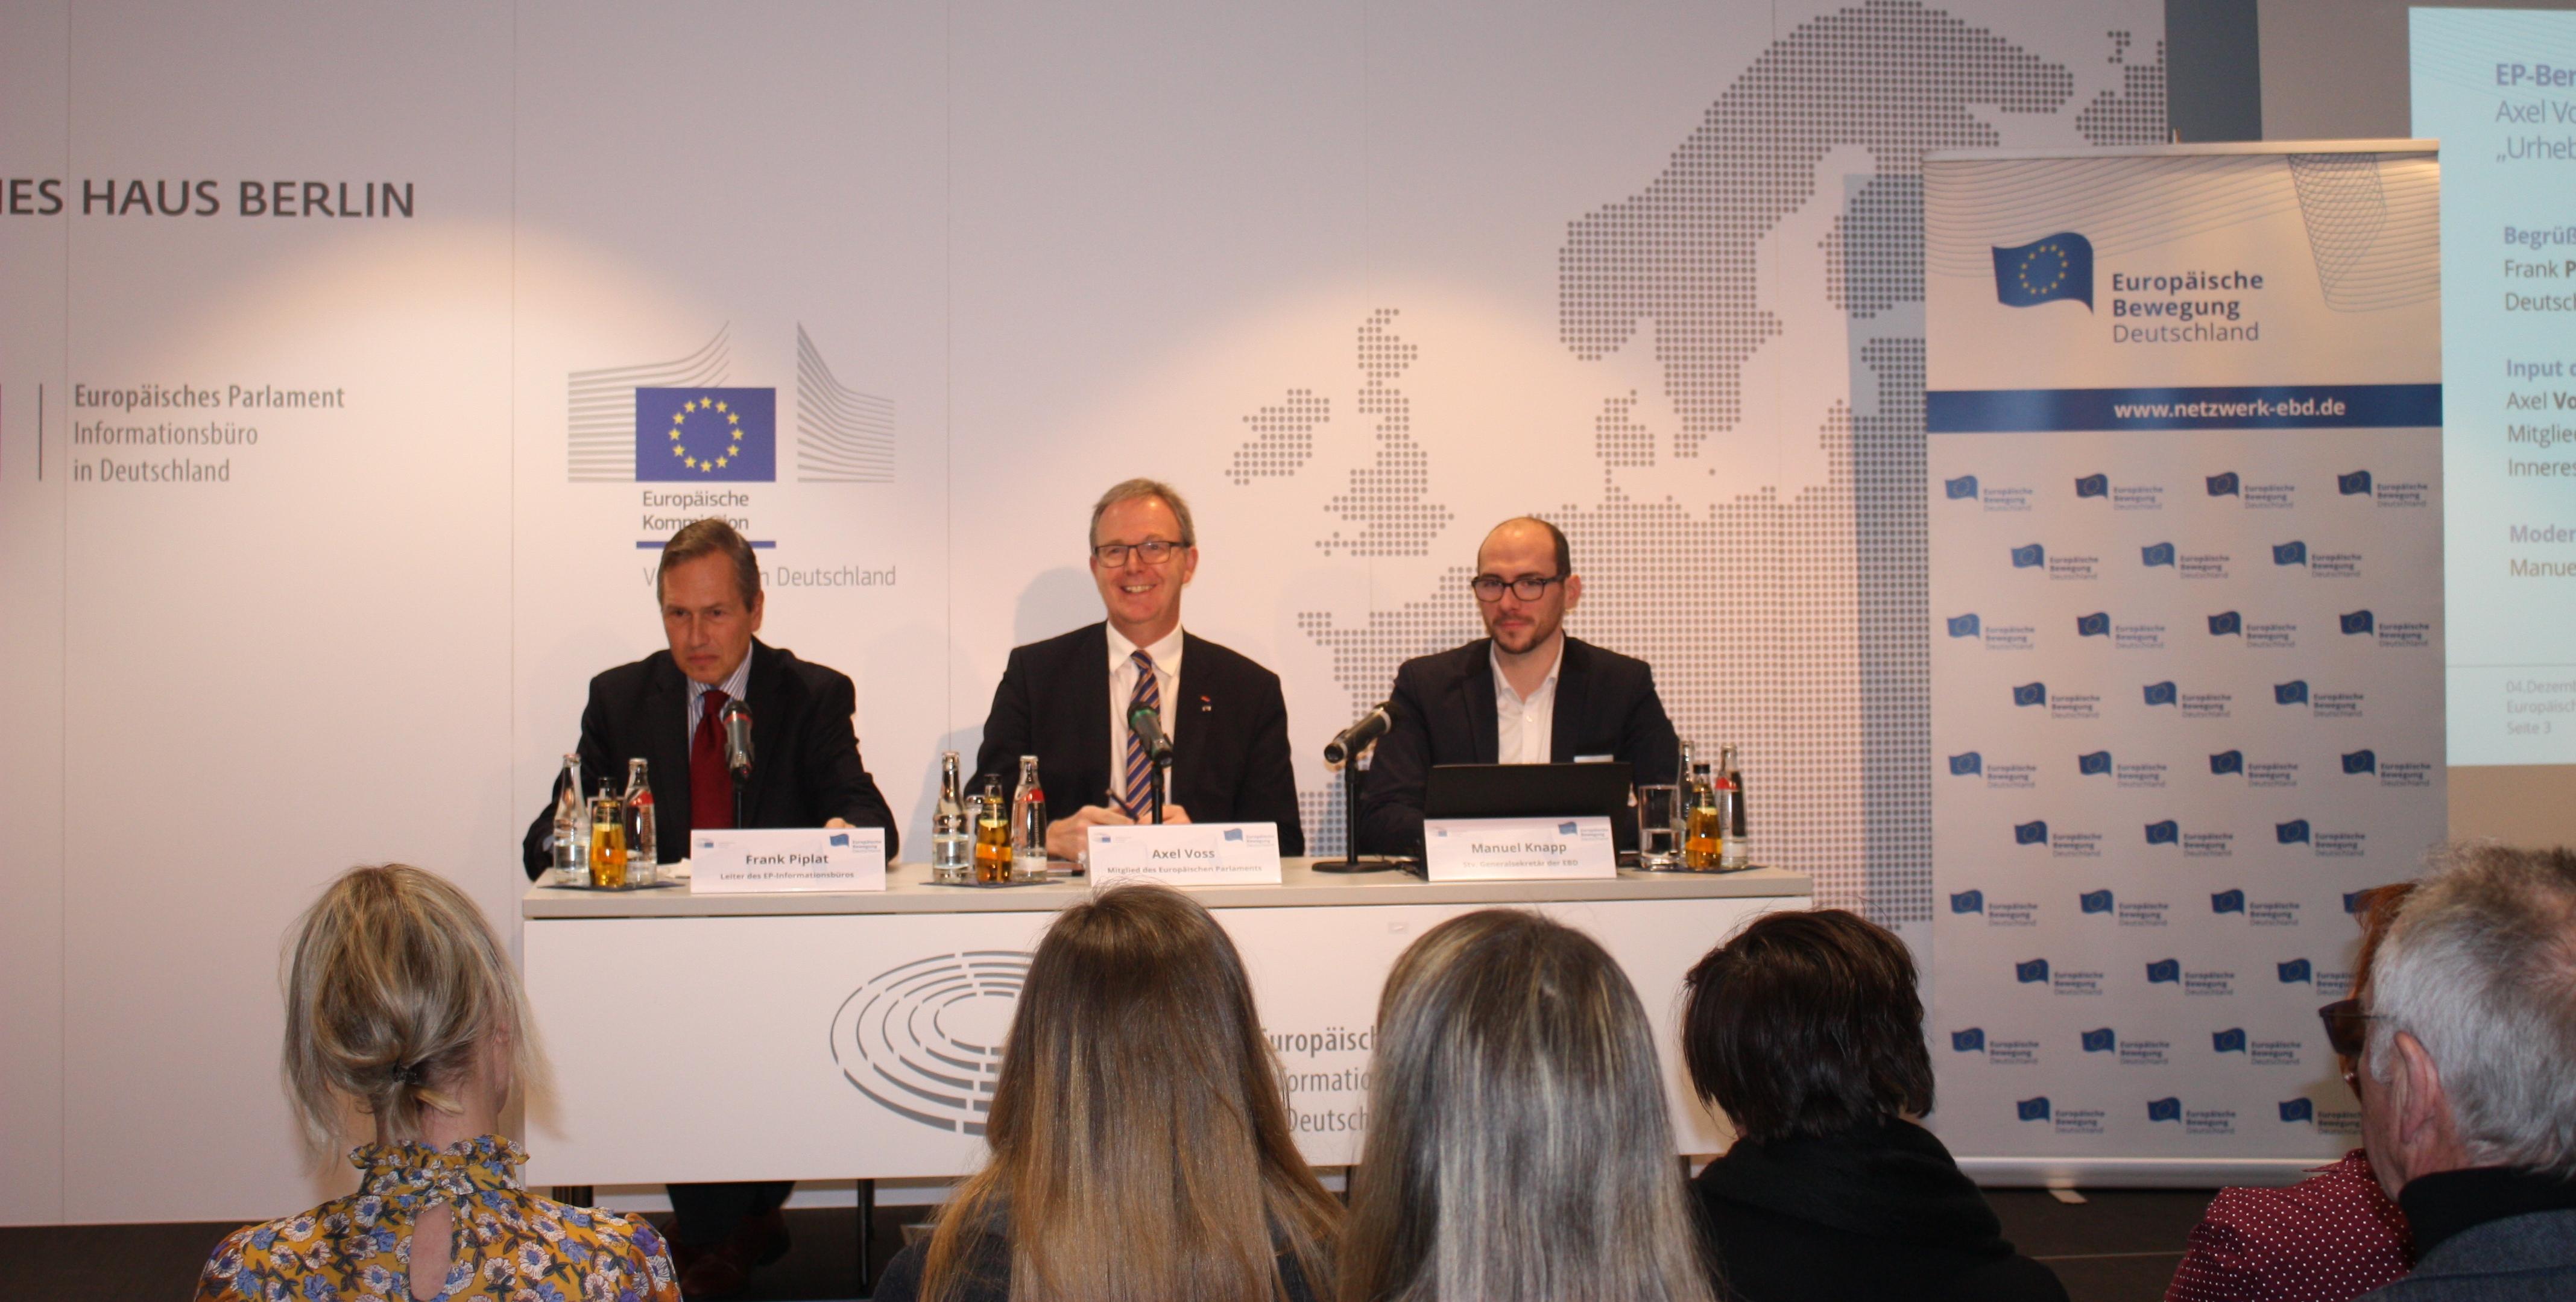 EP-Berichterstatter im Dialog | Neue Zeiten für das Urheberrecht ?